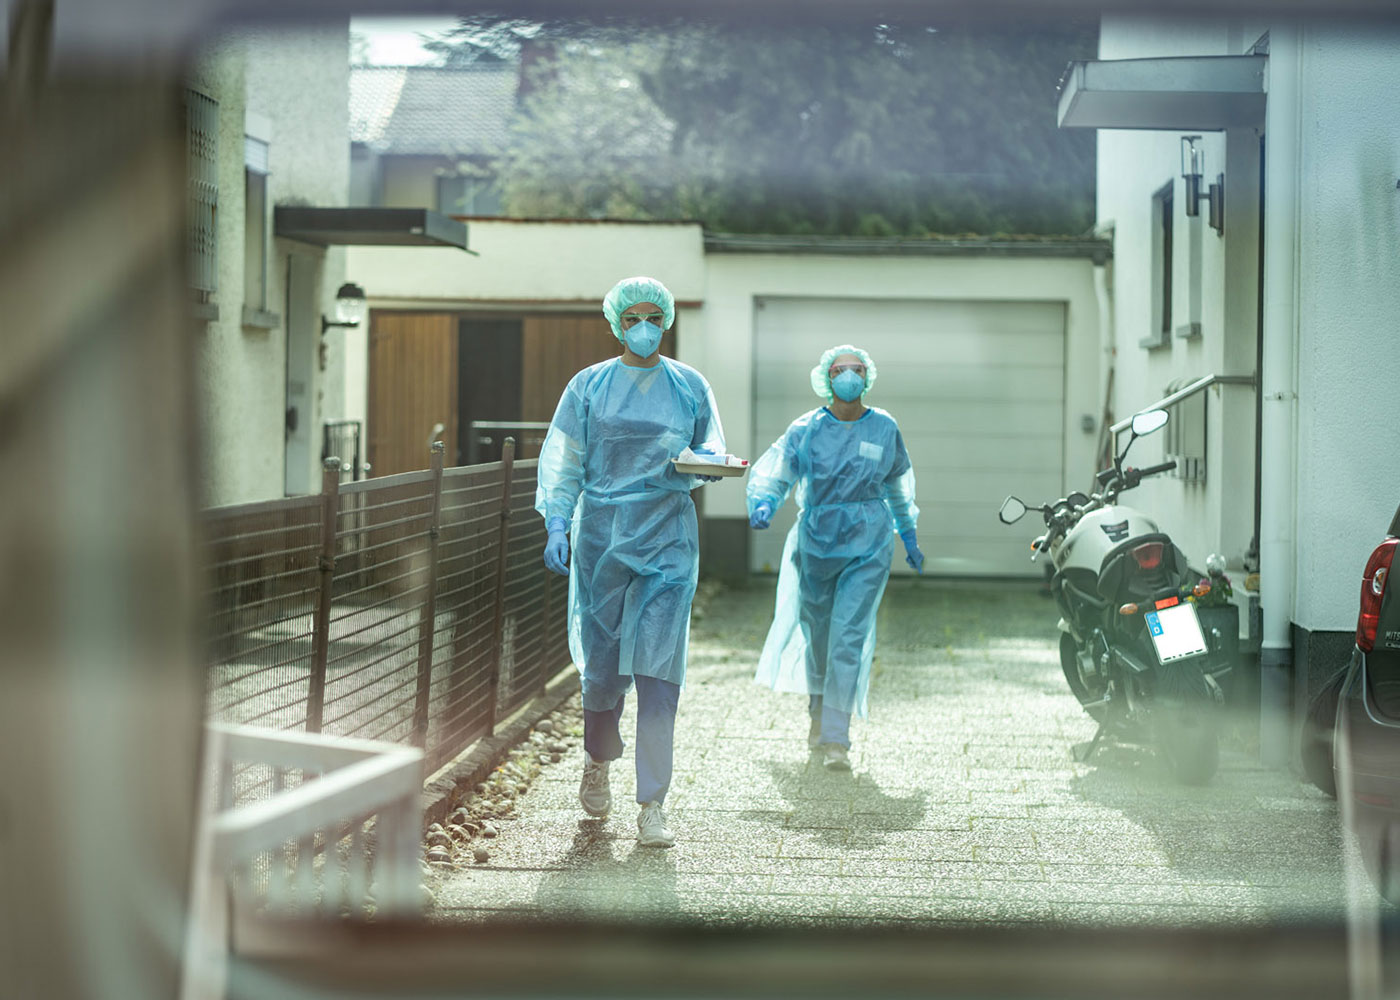 Mediziner betreuen ein Covid 19-Patienten in seinem Haus © Peter Jülich